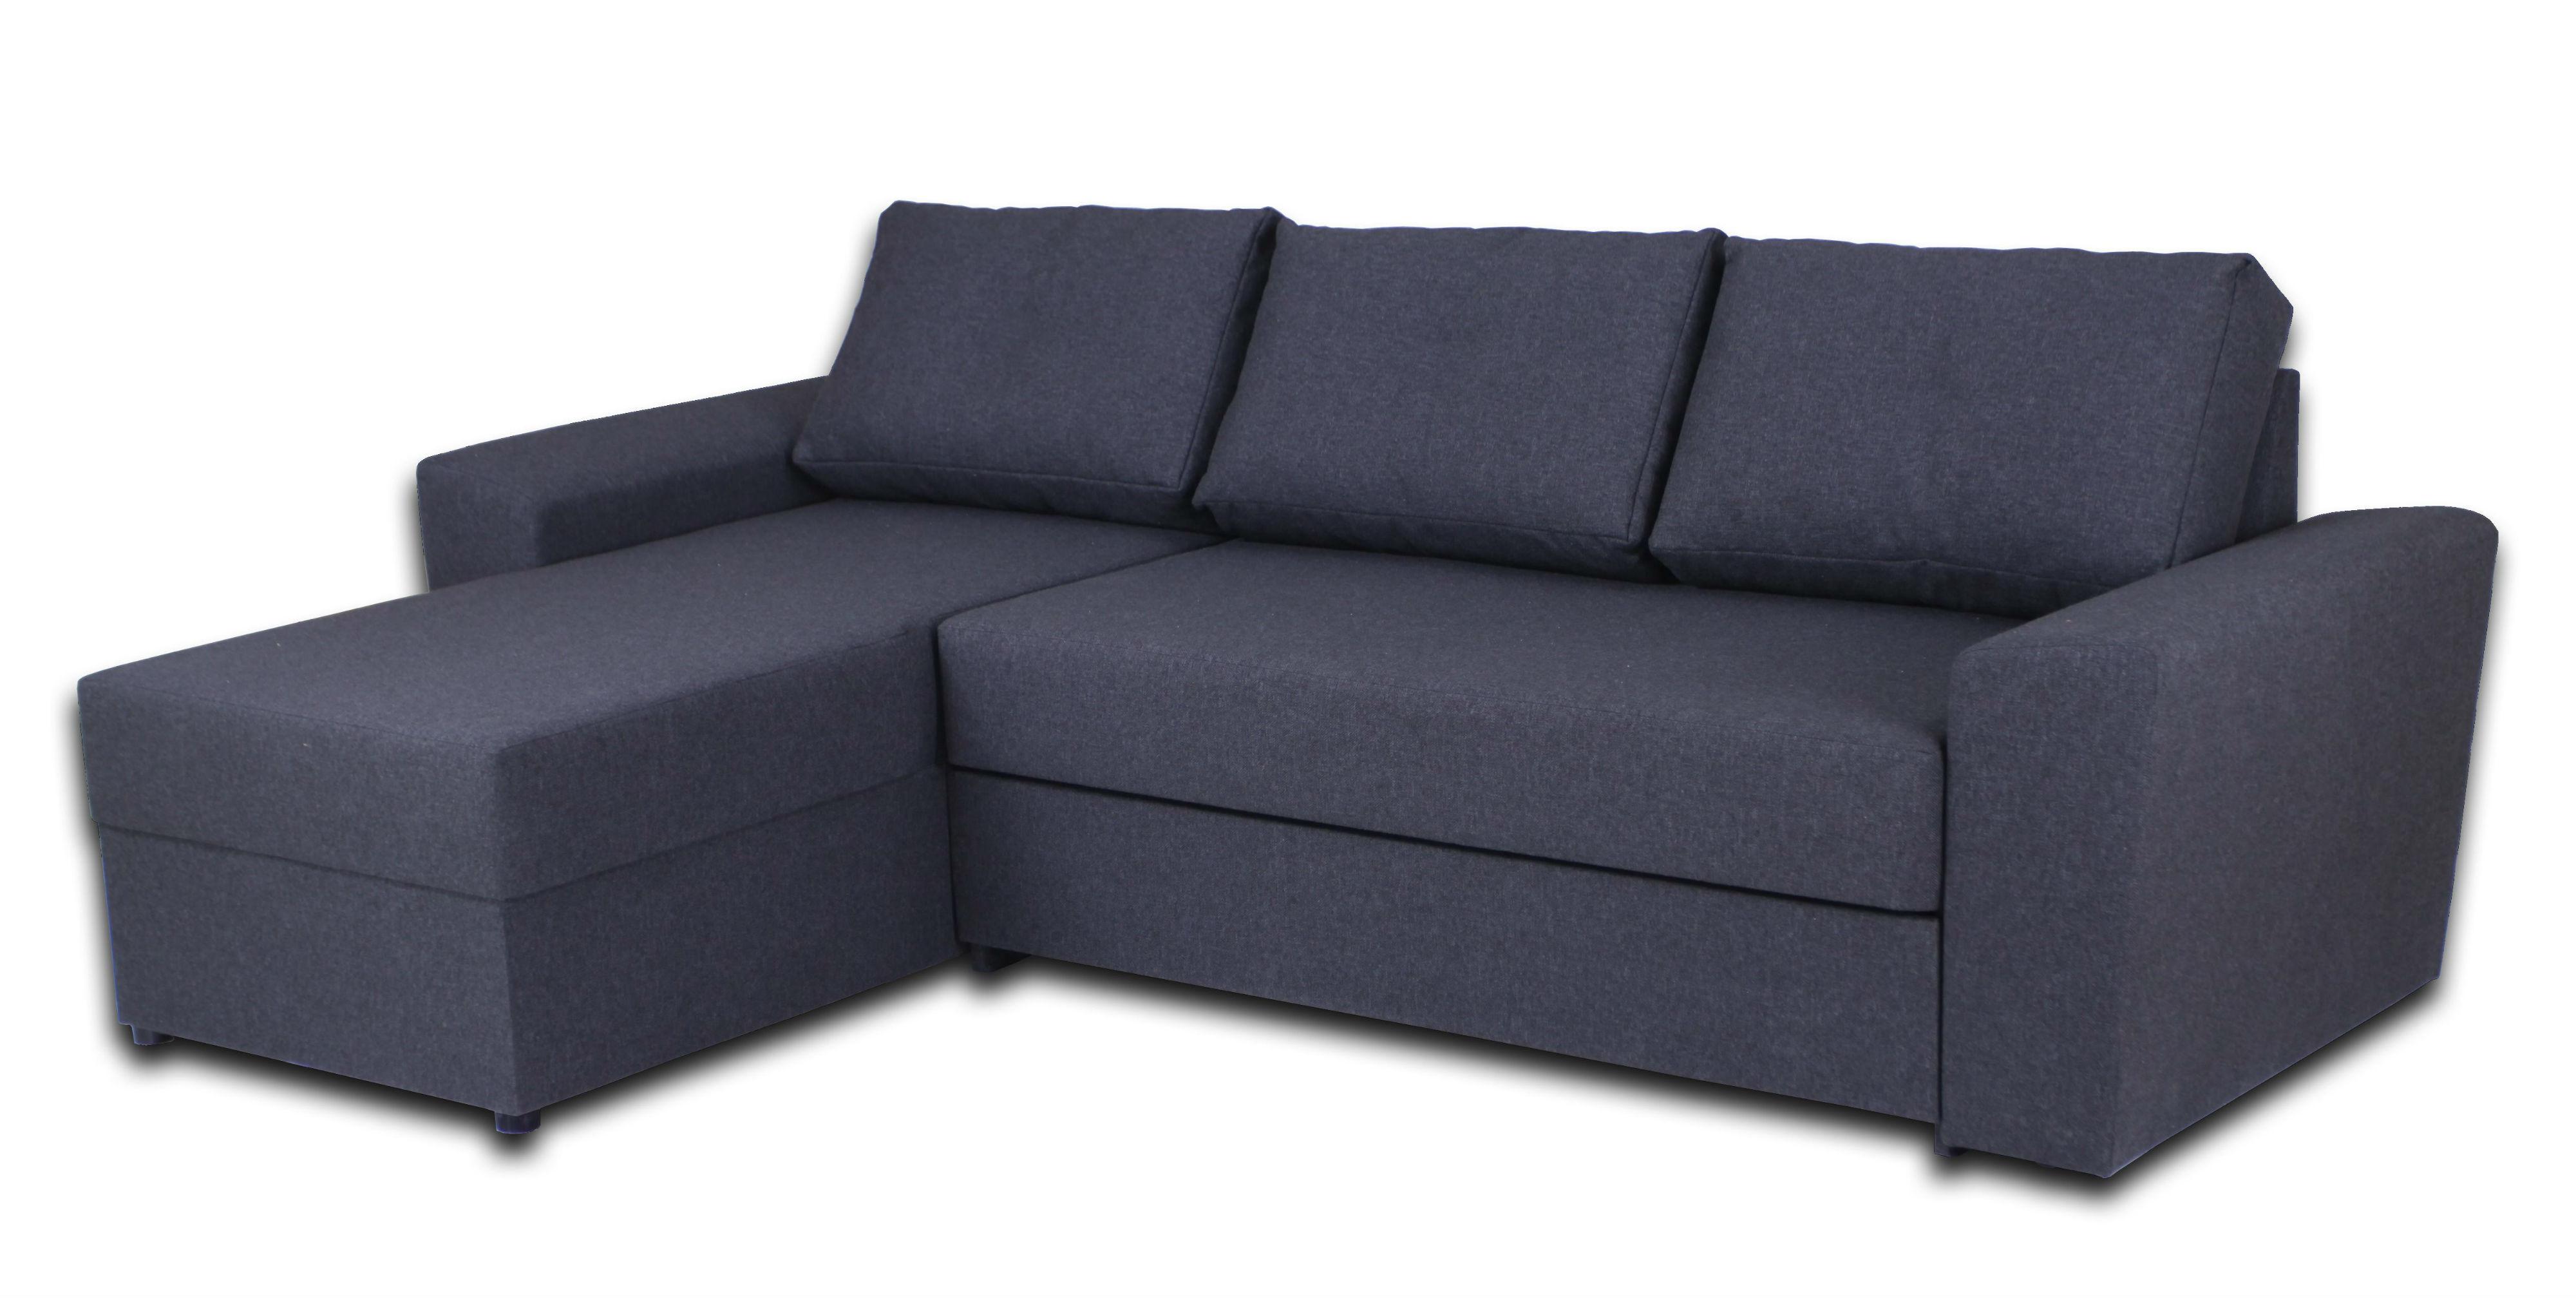 Oprindeligt Ny sofa? Moderne og klassiske sofaer til gode priser CE76